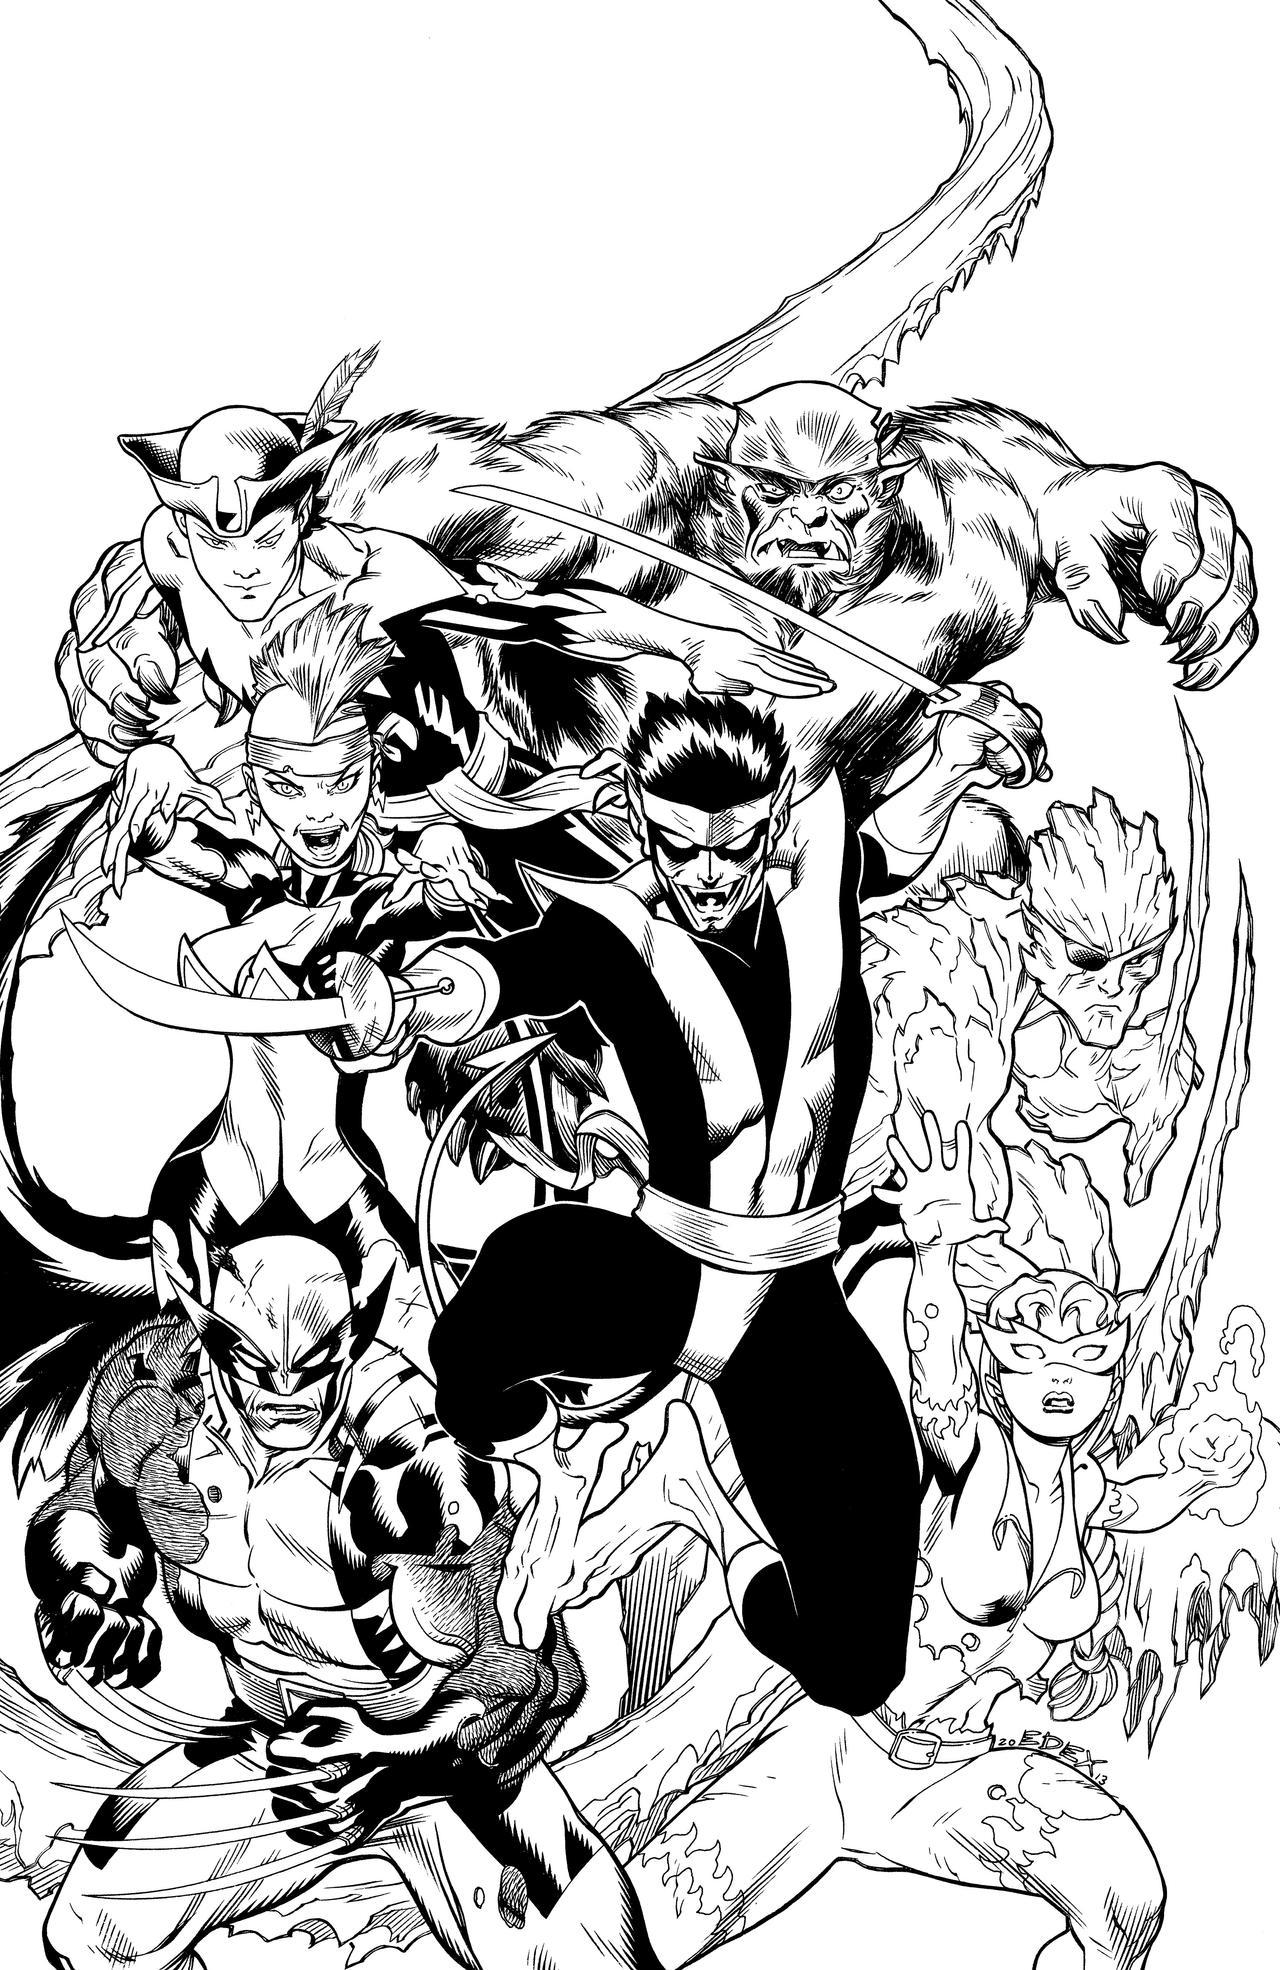 Amazing Xmen Cover 5 by DexterVines